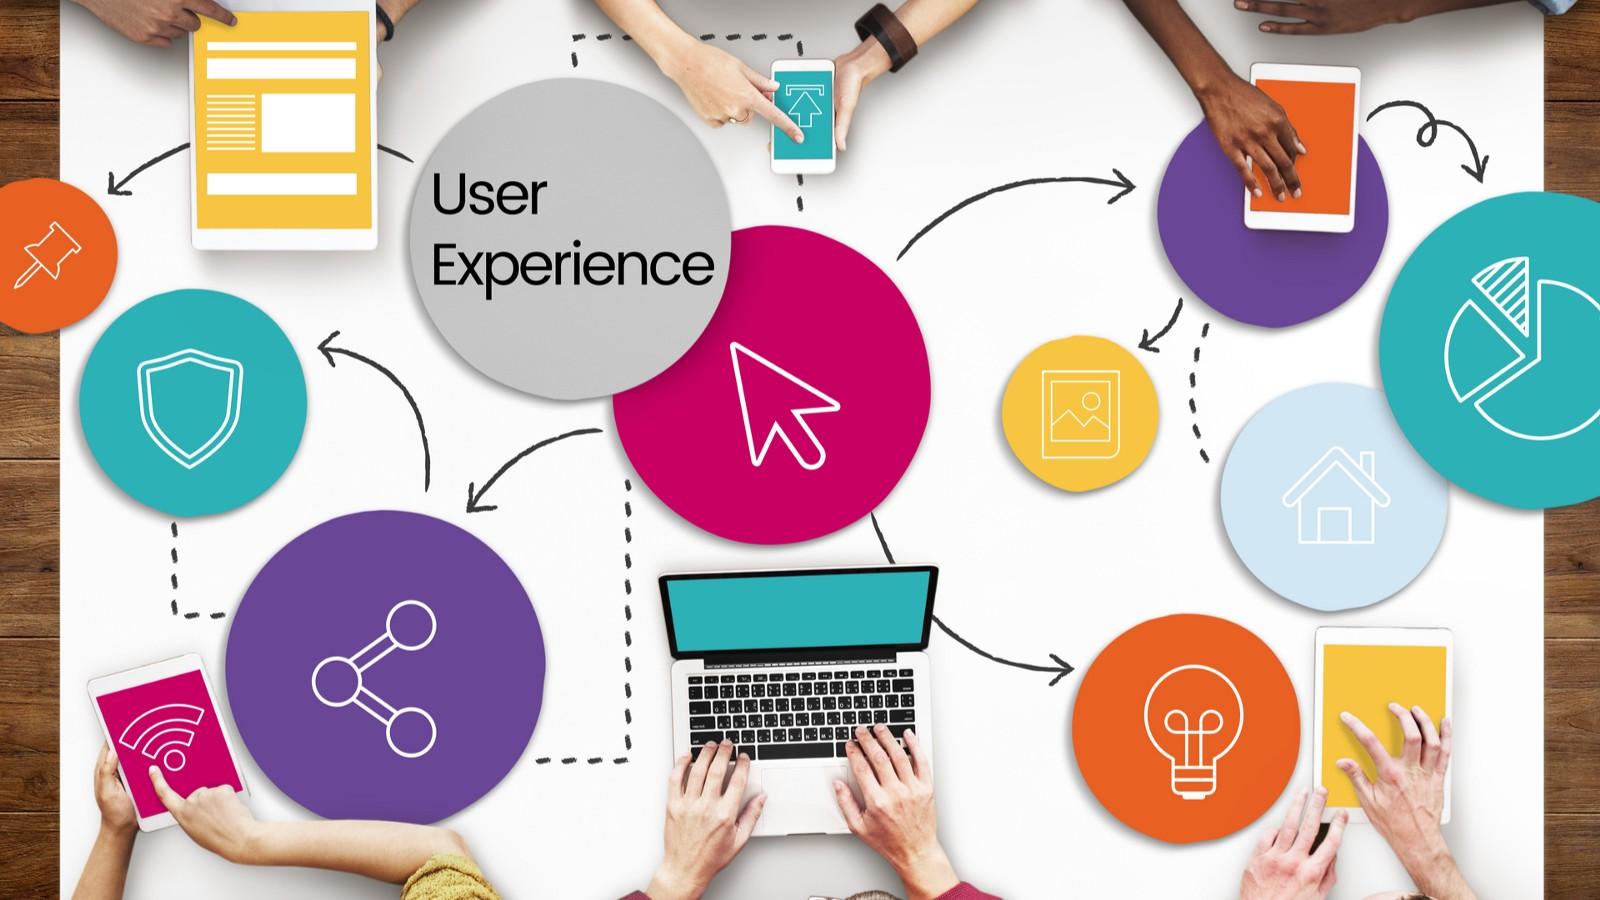 Sei consigli per migliorare l'esperienza utente di un sito